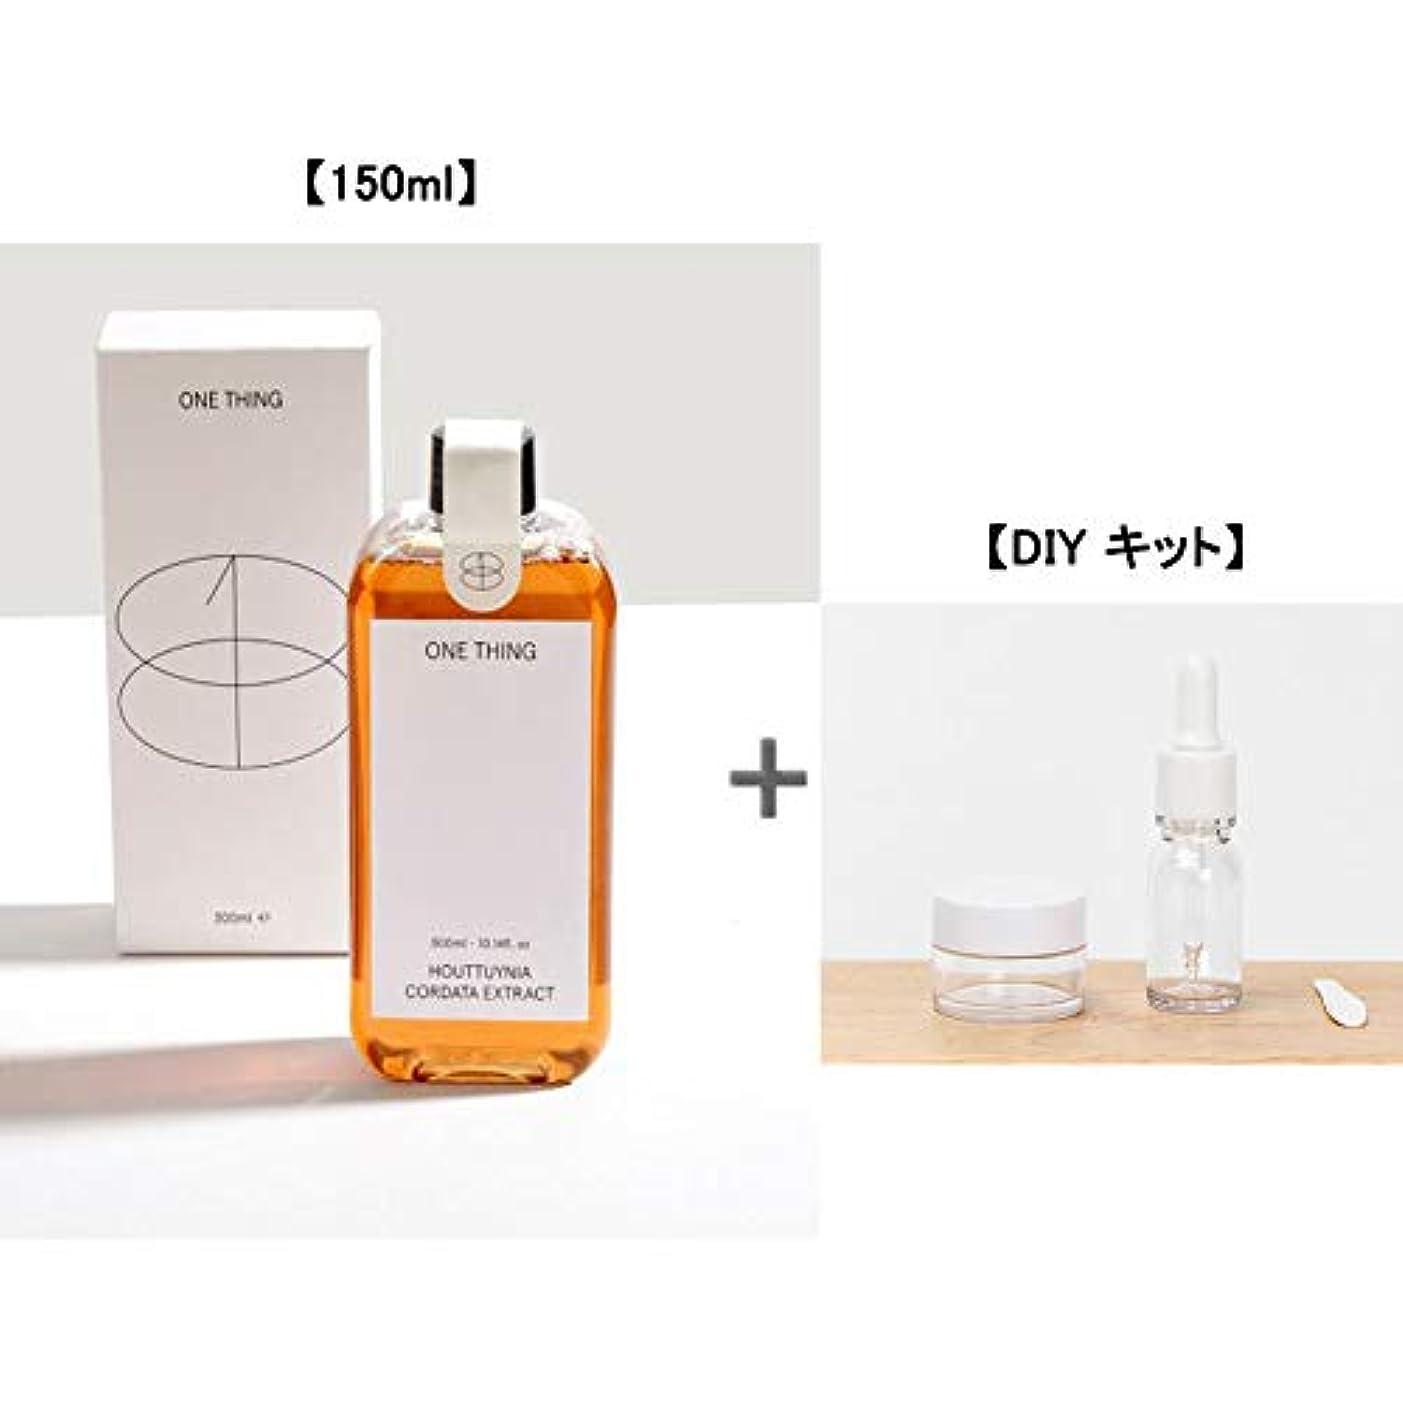 [ウォンシン]ドクダミエキス原液 150ml /トラブル性肌、頭皮ケアに効果的/化粧品に混ぜて使用可能[並行輸入品] (ドクダミ 原液 150ml + DIY 3種キット)